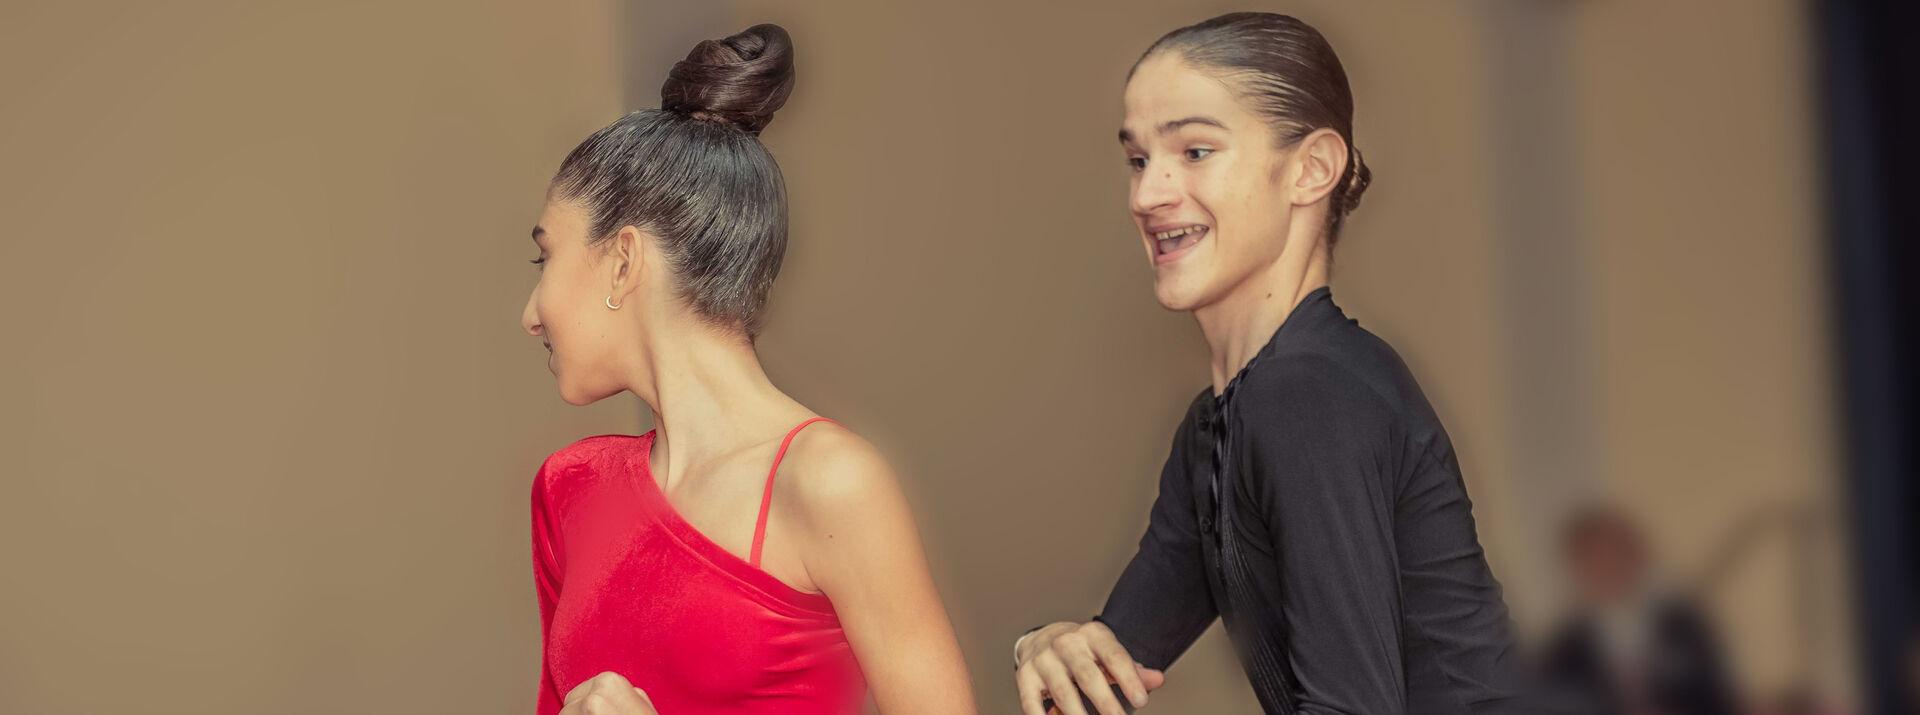 Tanzsport-Jugend